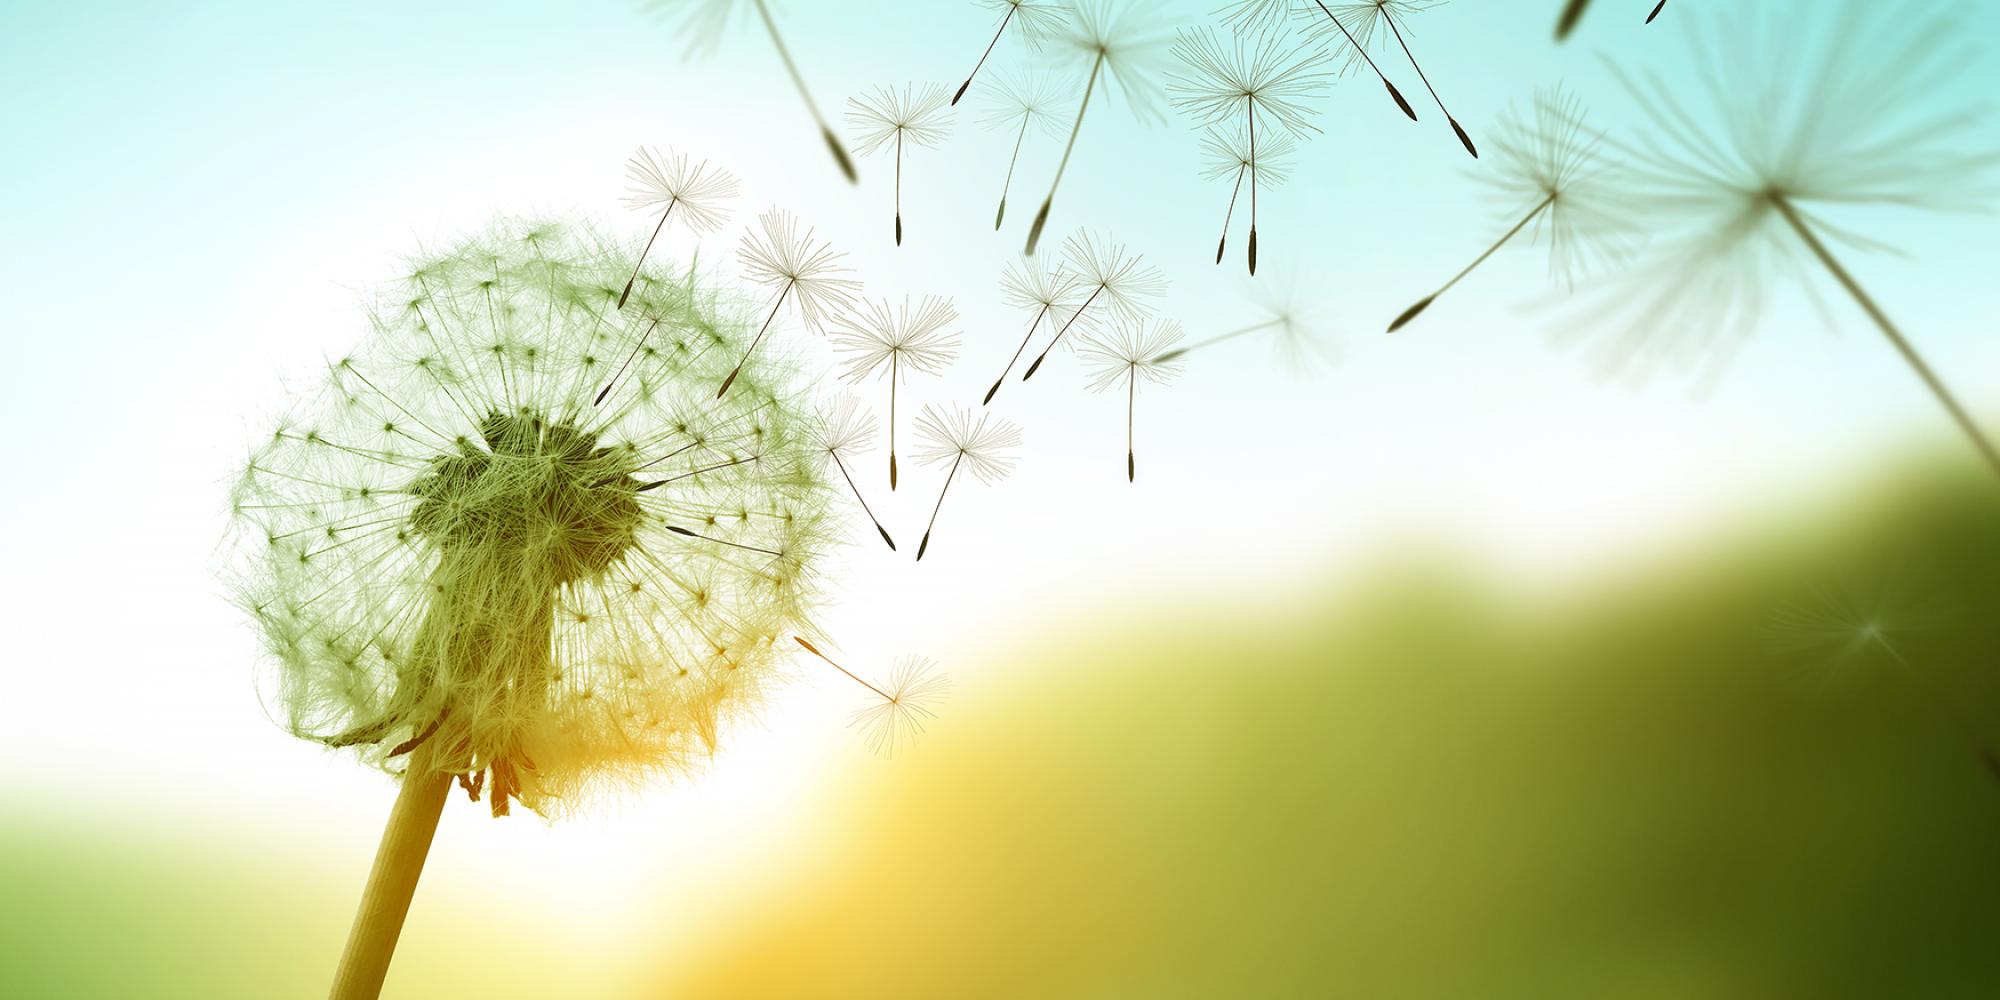 Pusteblume mit fliegenden Samen Richtung Himmel